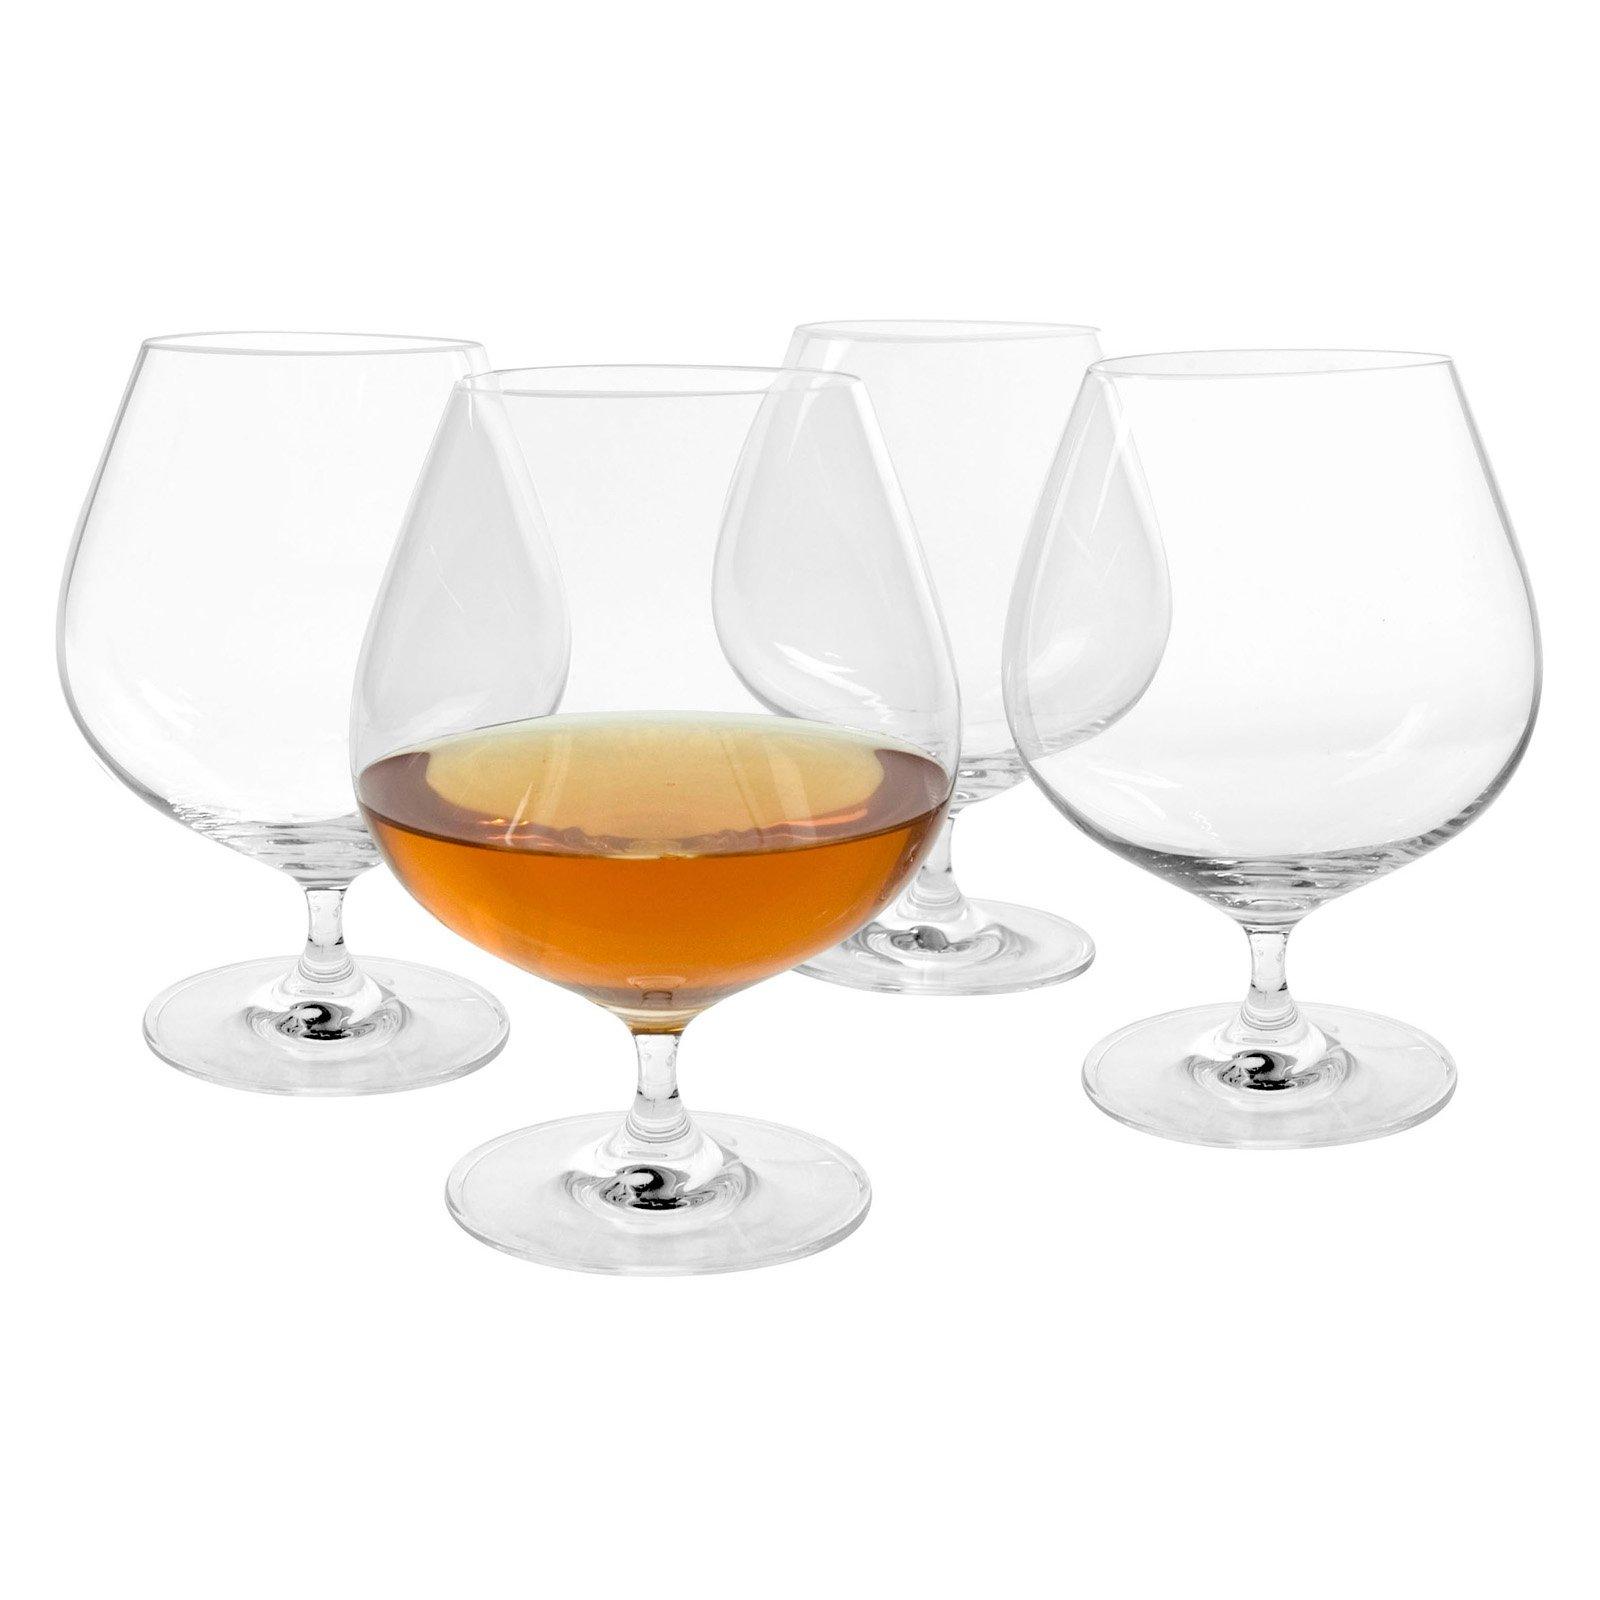 Artland Inc. Veritas Cognac Glasses Set of 4 by Artland